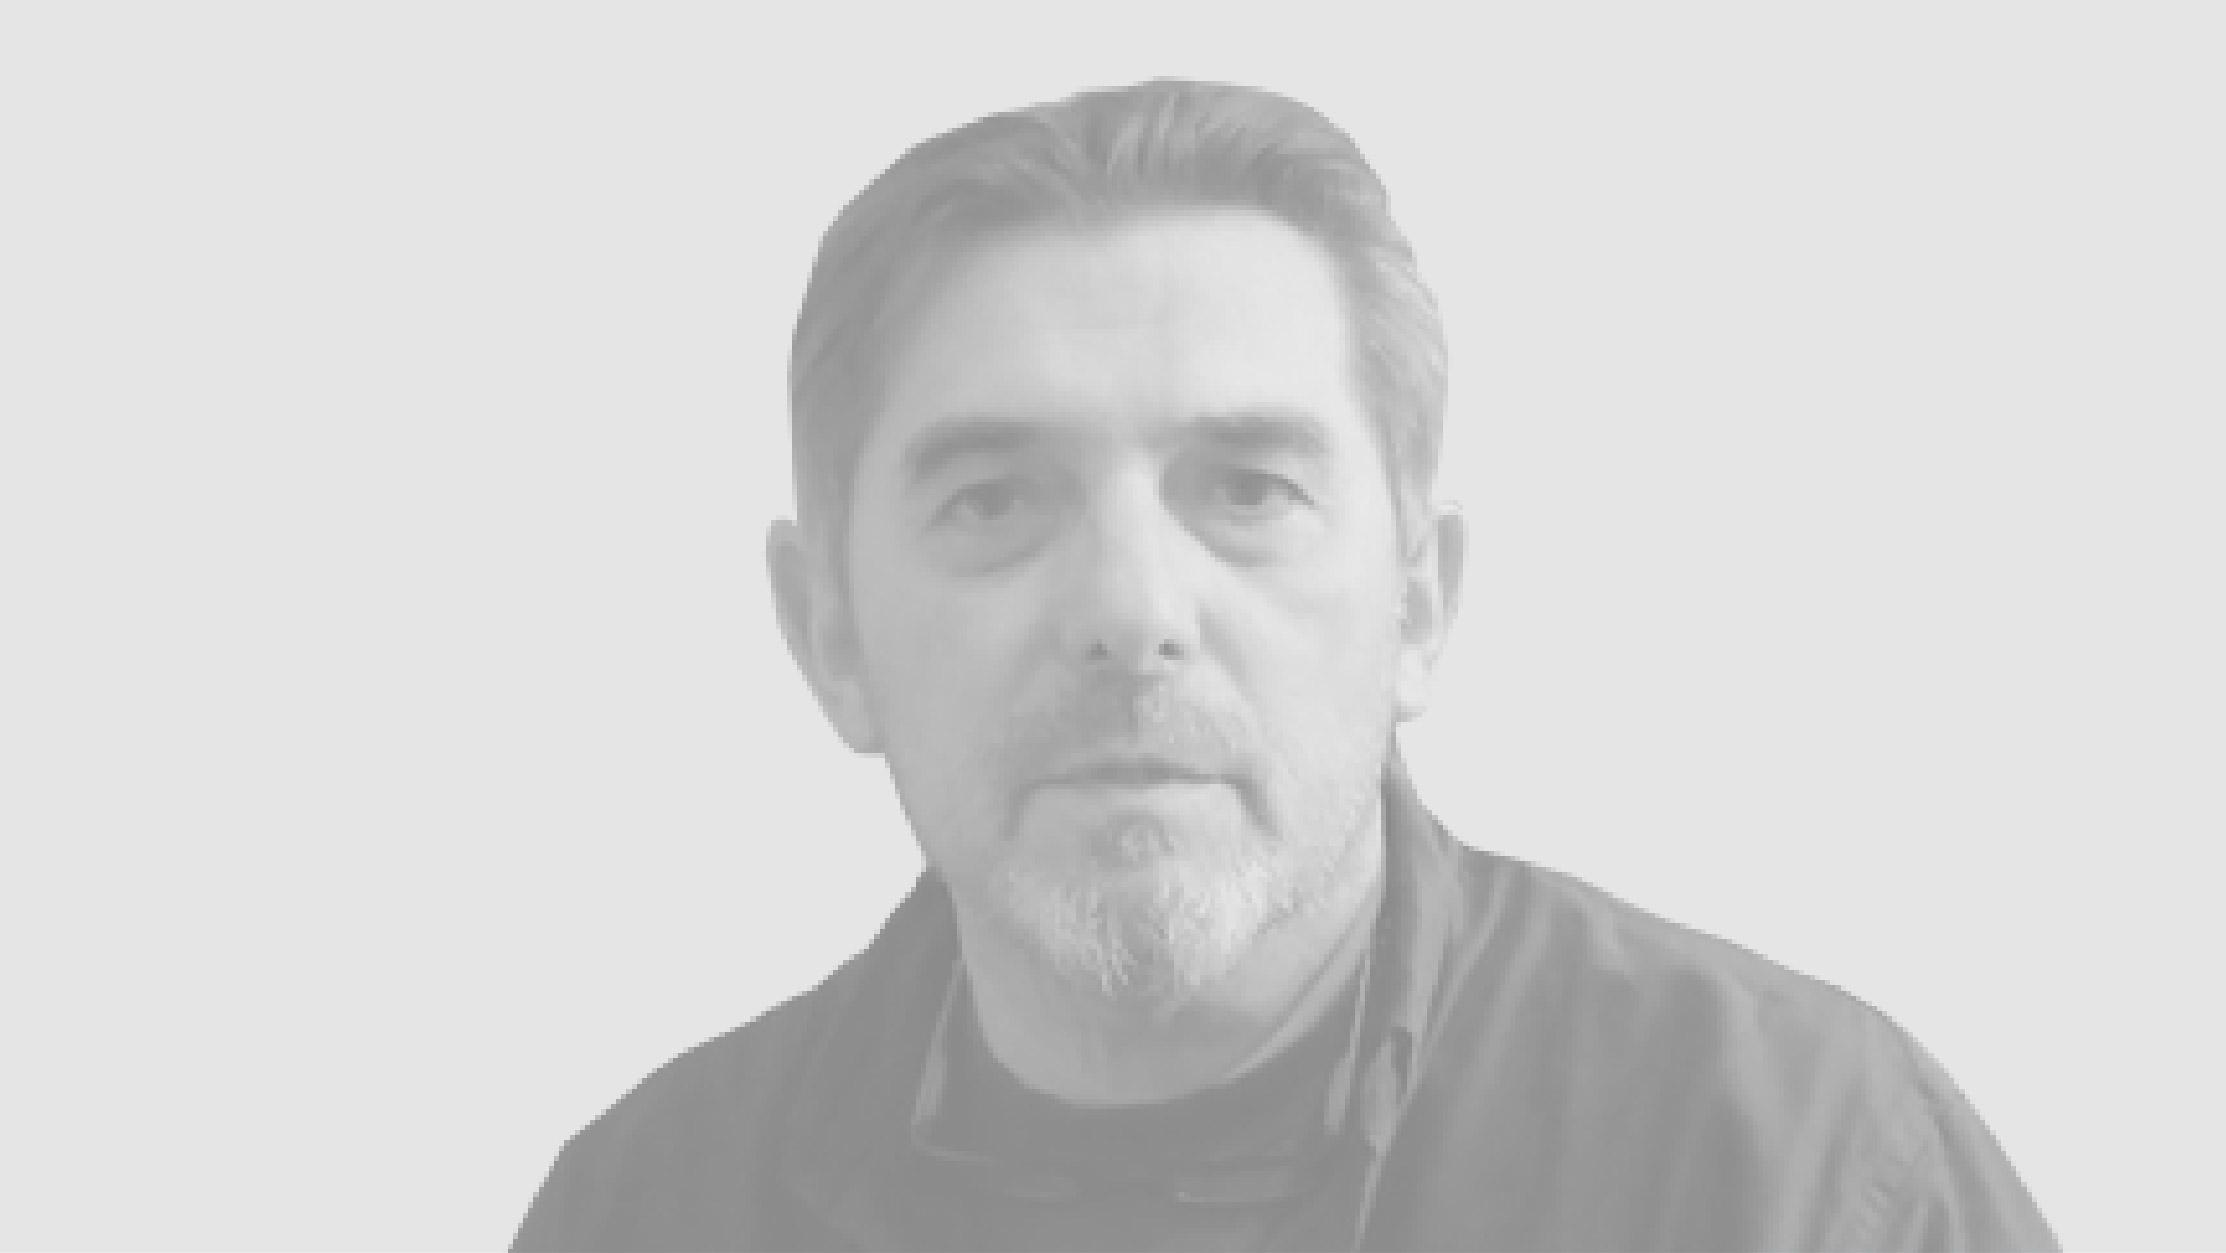 Stjepan Buković